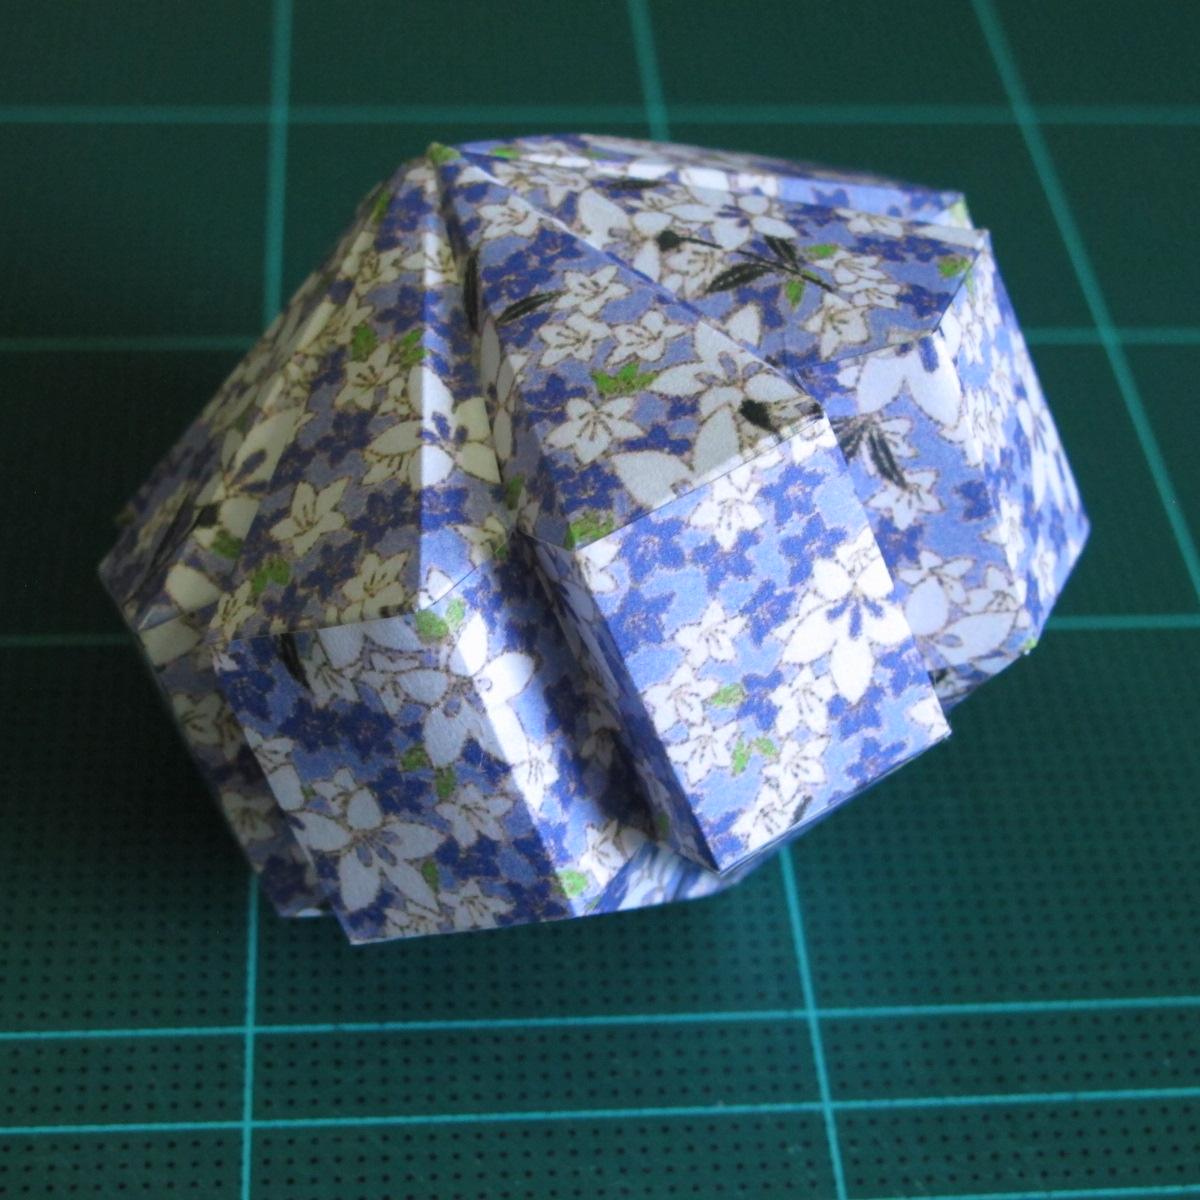 วิธีทำโมเดลกระดาษสำหรับตกแต่งทรงเรขาคณิต (Decor Geometry Papercraft Model) 012